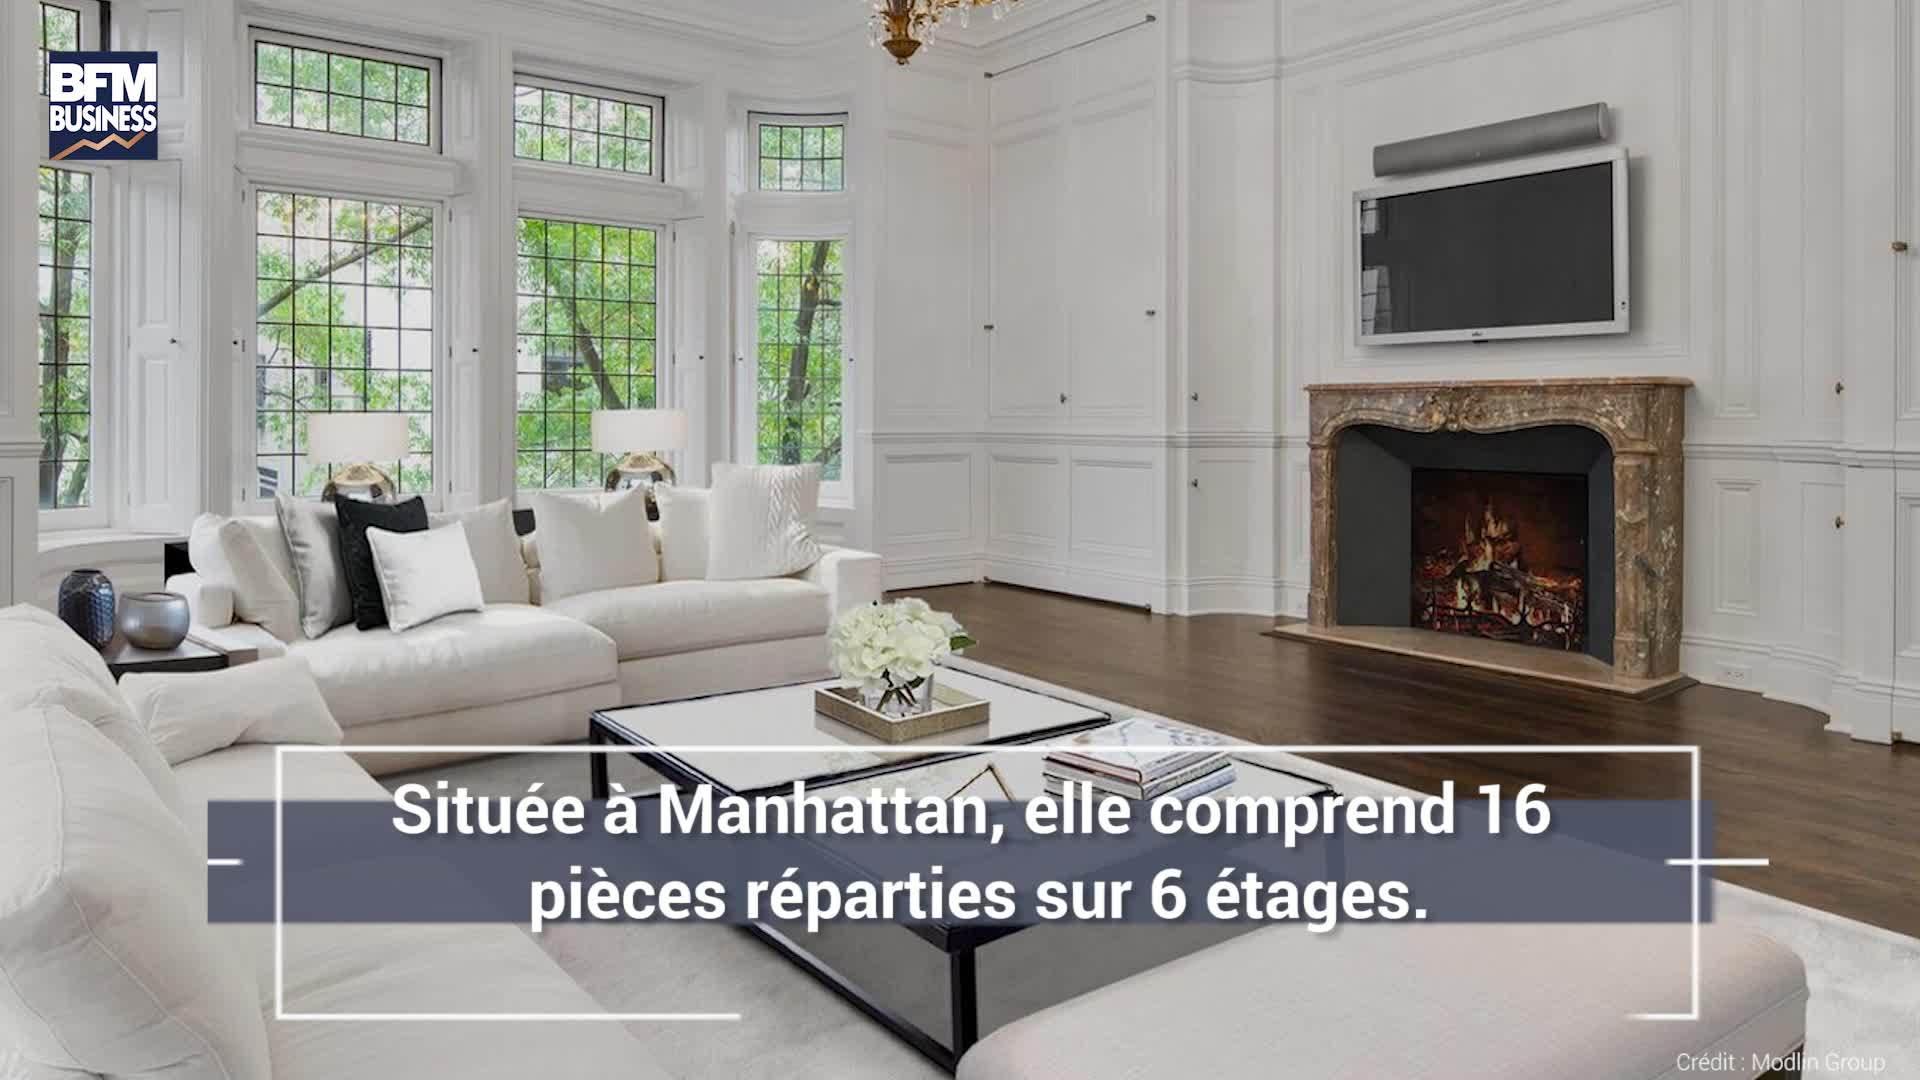 EN VIDEO - Le manoir new-yorkais où a vécu Michael Jackson est à vendre